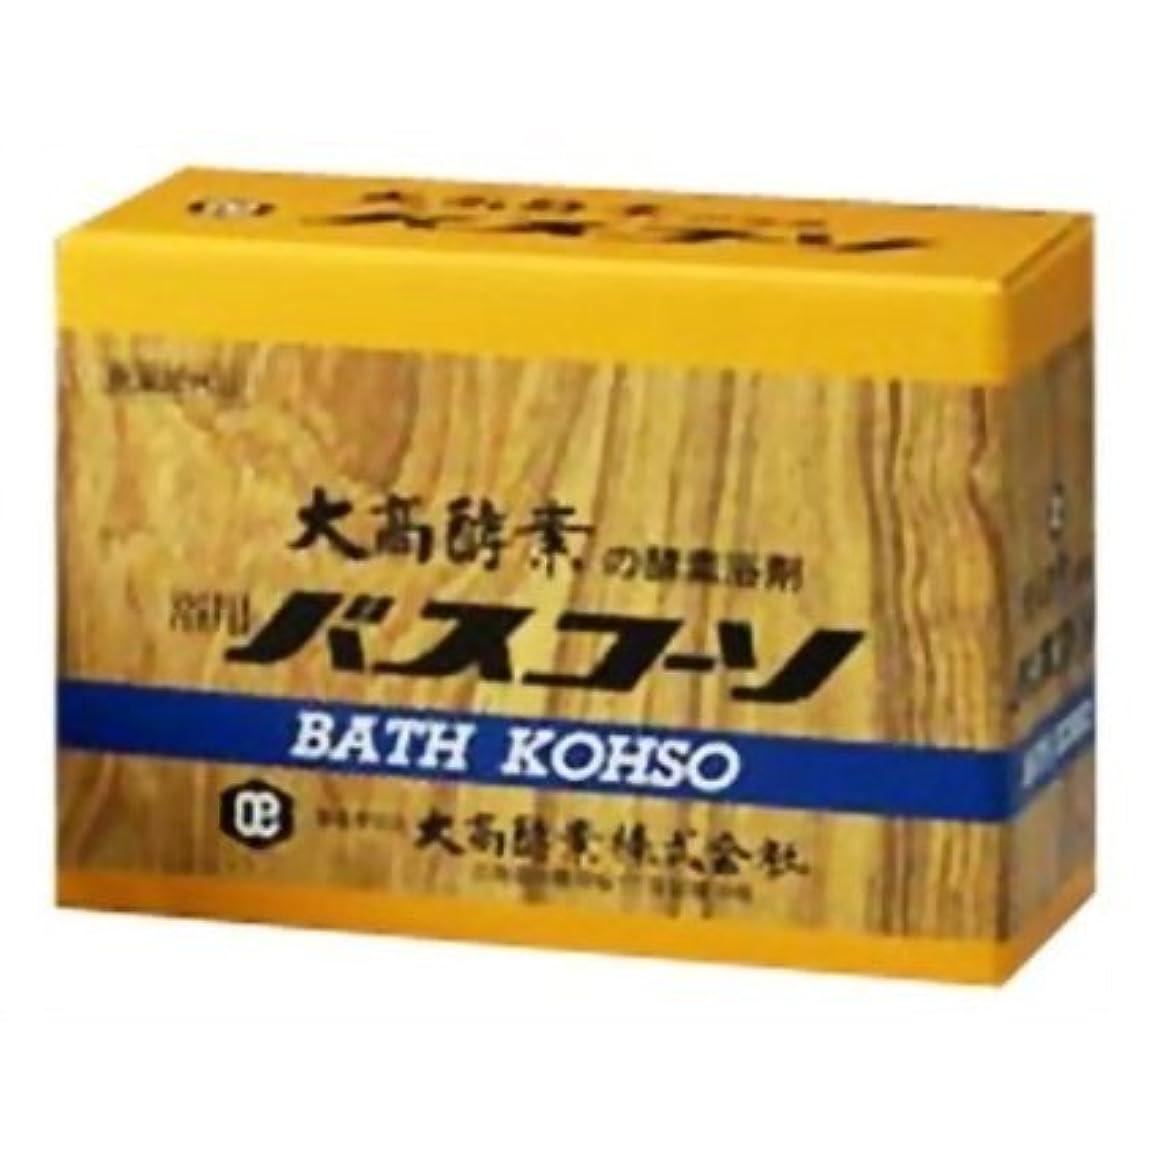 まだら予約強化する大高酵素 浴用バスコーソ 100gx6 【4個セット】